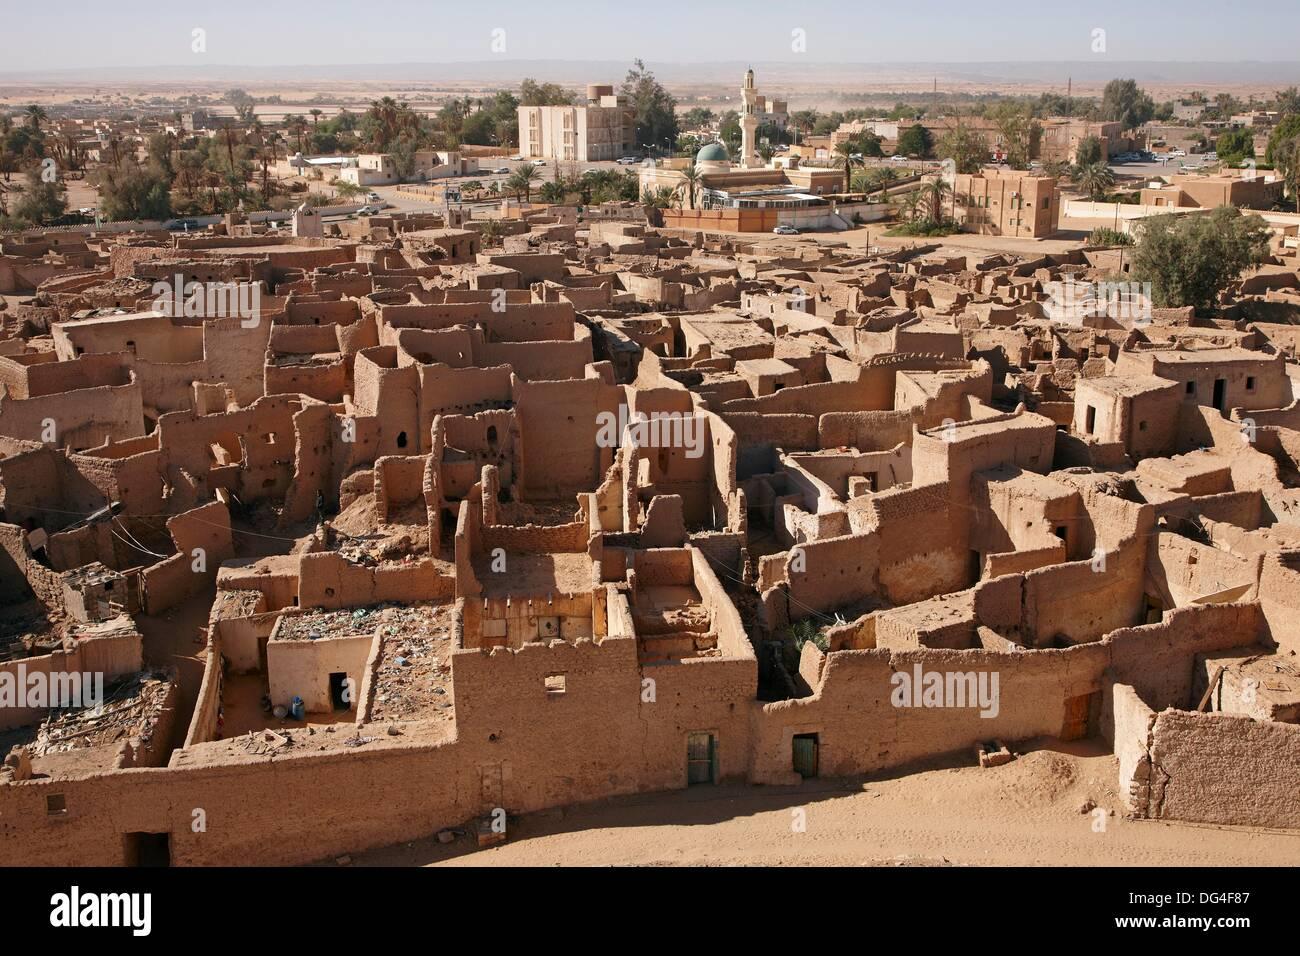 Libya - Wikipedia